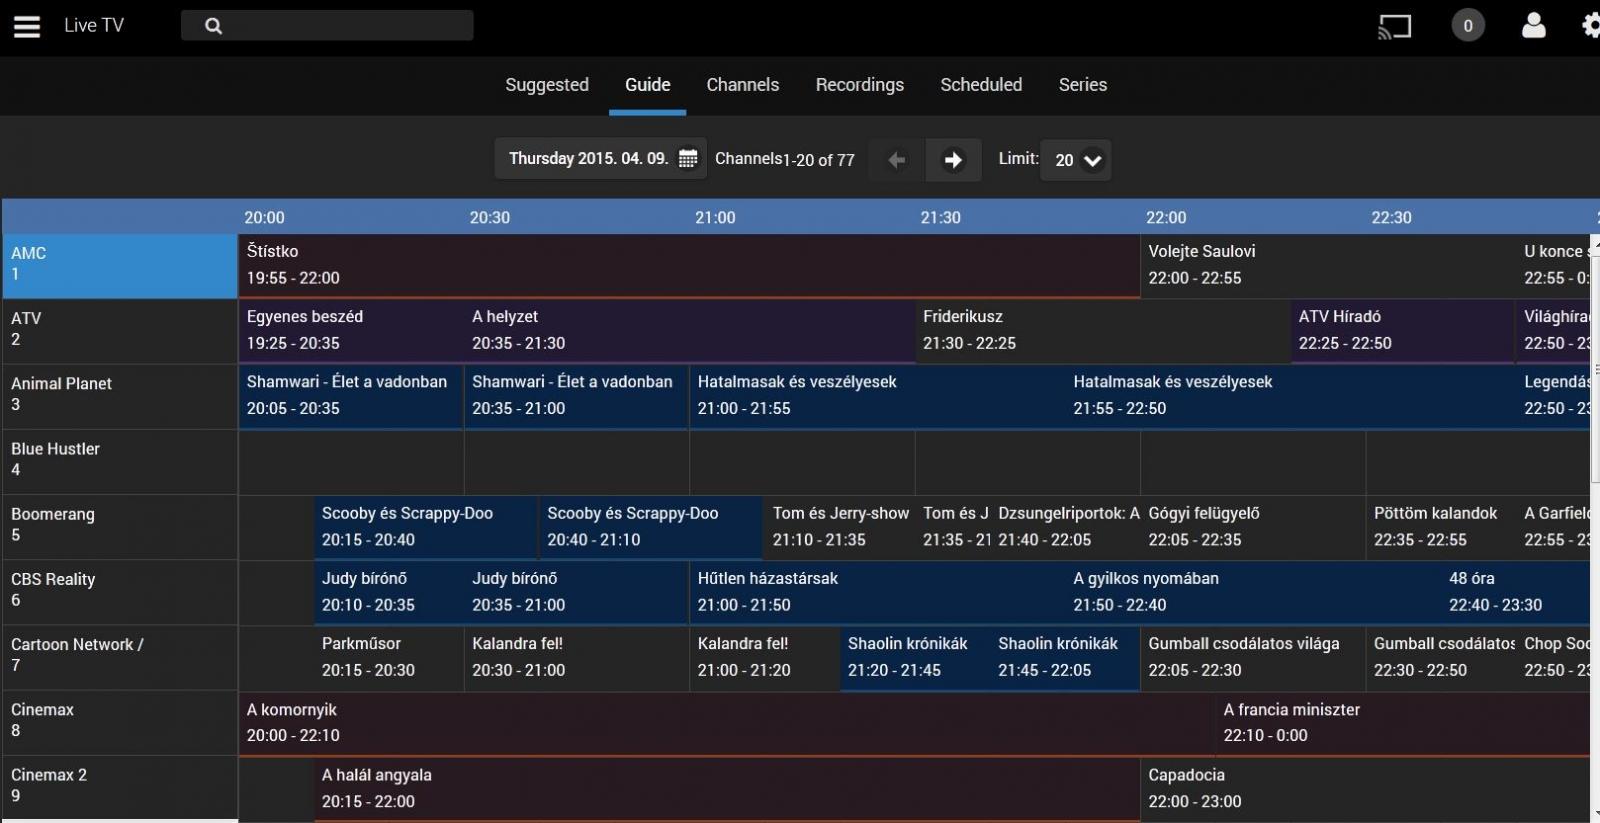 Tvheadend plugin for Emby - Beta 1 - Live TV - Emby Community